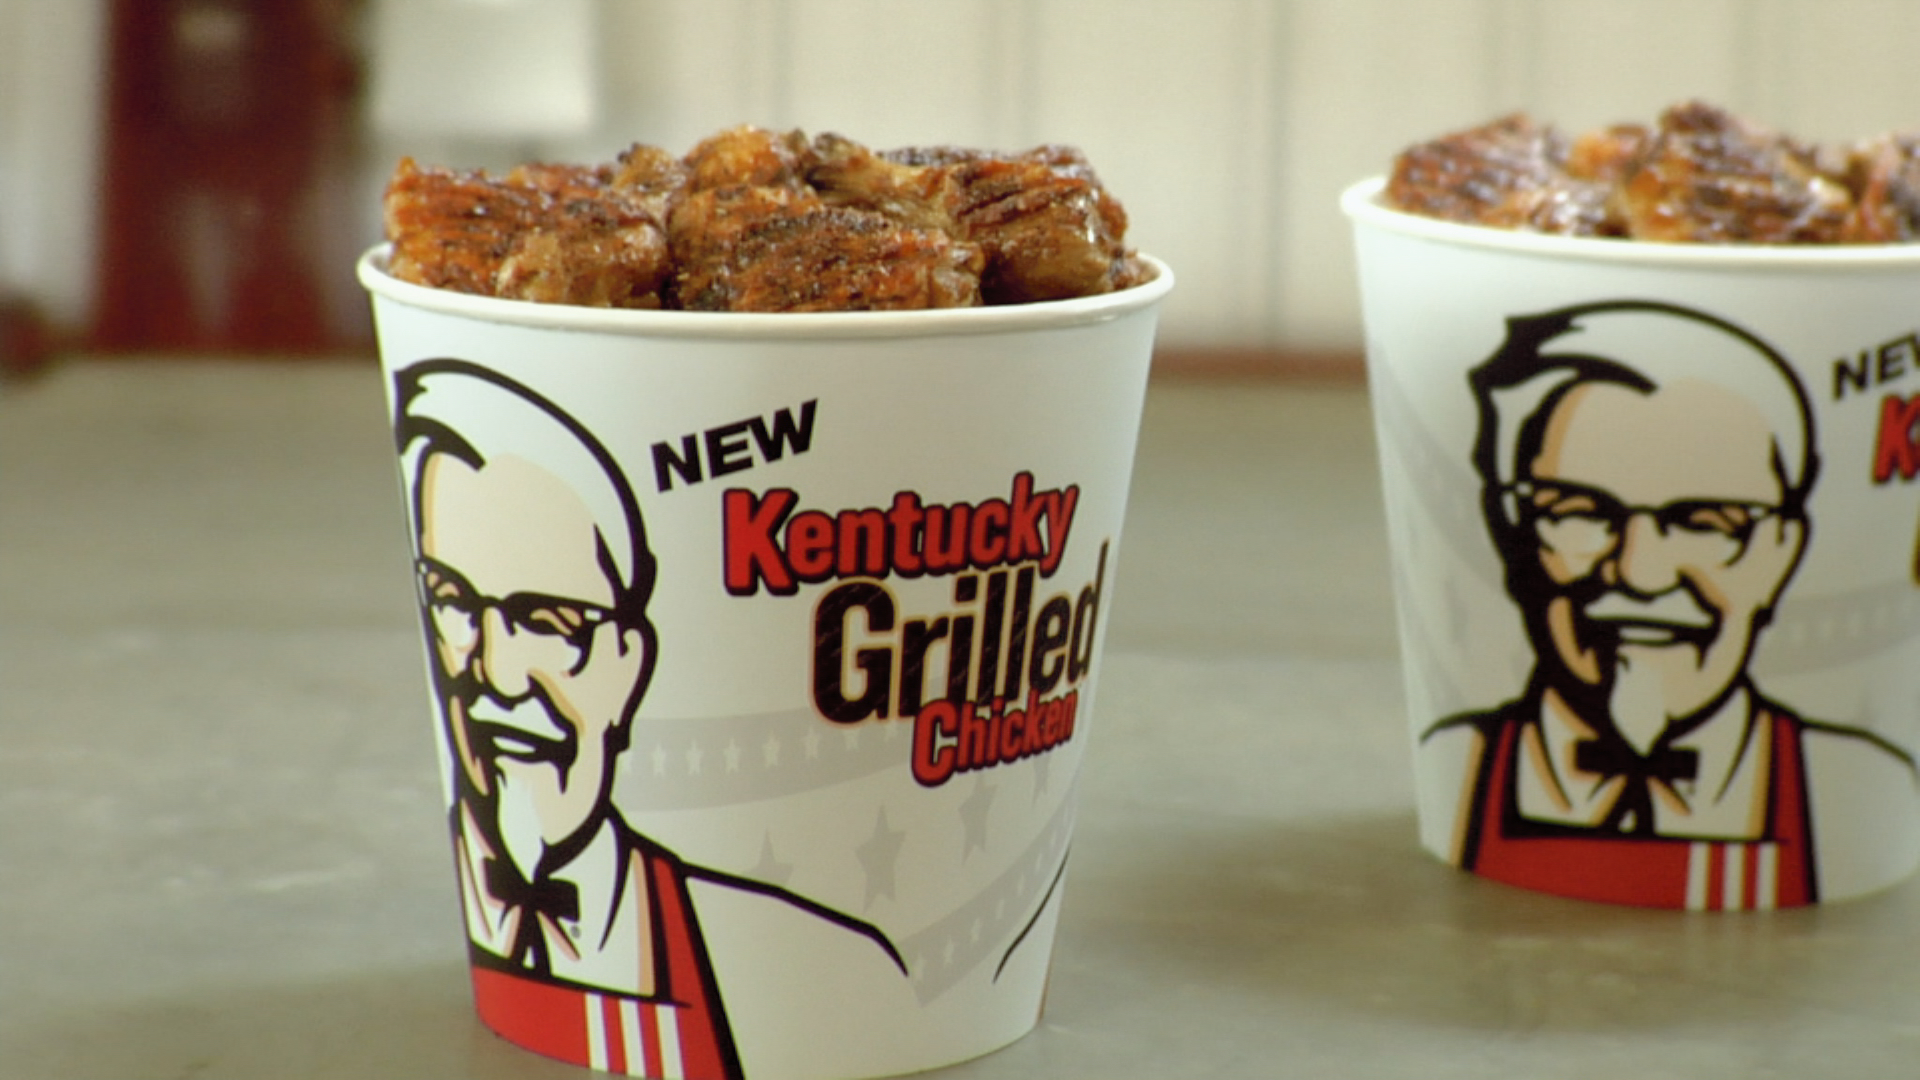 Kentucky Fried Chicken